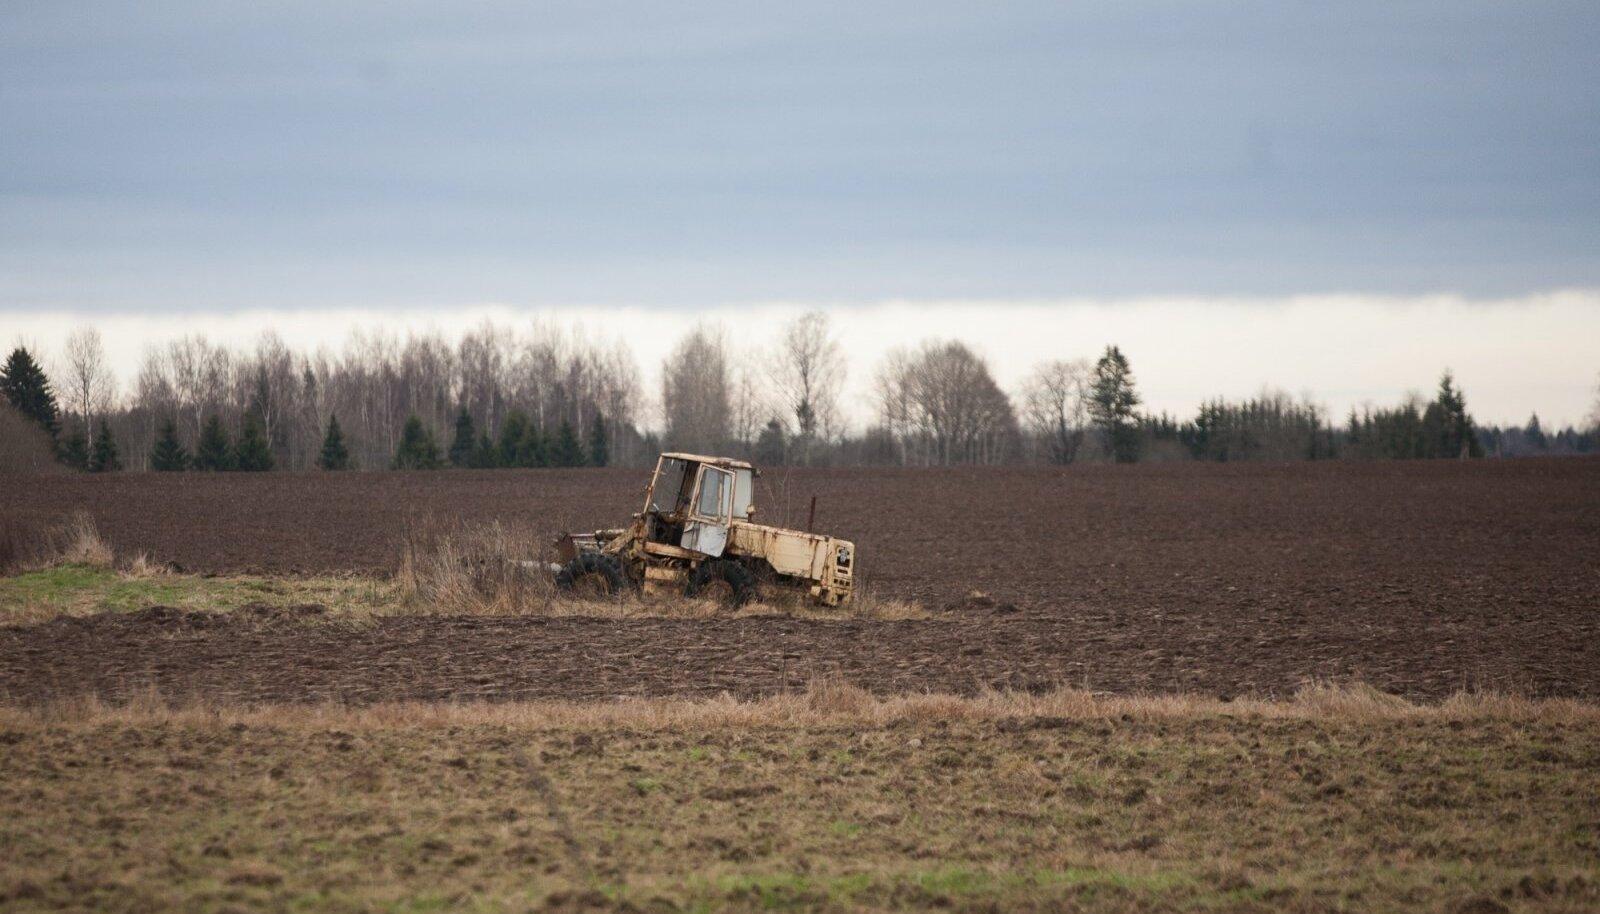 Pikk majanduskriis on eriti ohtlik Eesti põllumajandusele.